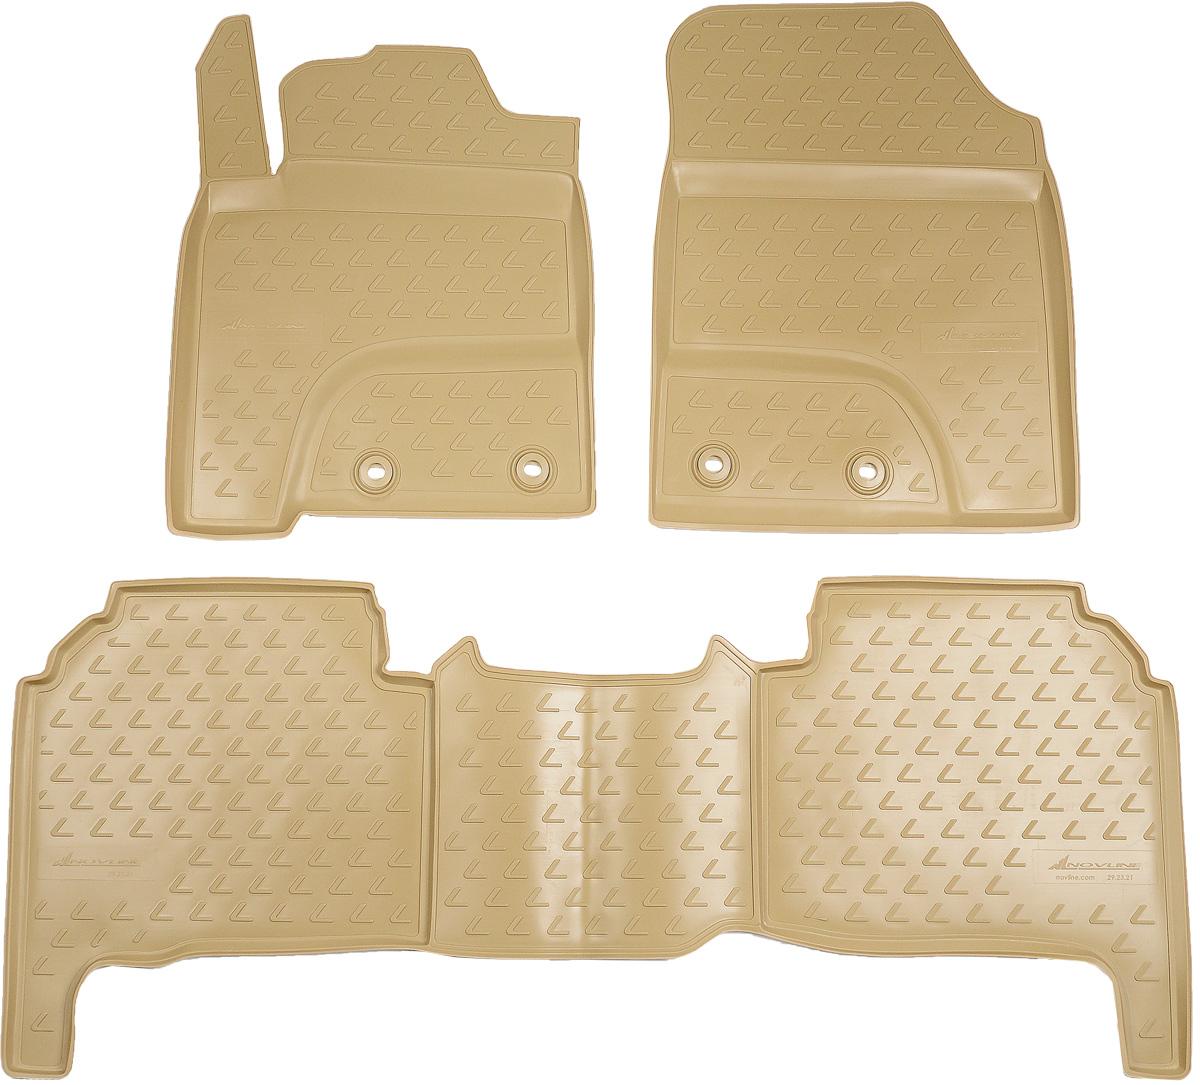 Коврики в салон автомобиля Novline-Autofamily, для Lexus LX570 2012->, 5 мест, 3 штNLC.29.20.212kКоврики в салон Novline-Autofamily не только улучшат внешний вид салона вашего автомобиля, но и надежно уберегут его от пыли, грязи и сырости, а значит, защитят кузов от коррозии. Полиуретановые коврики для автомобиля гладкие, приятные и не пропускают влагу. Автомобильные коврики в салон учитывают все особенности каждой модели и полностью повторяют контуры пола. Благодаря этому их не нужно будет подгибать или обрезать. И самое главное - они не будут мешать педалям. Полиуретановые автомобильные коврики для салона произведены из высококачественного материала, который держит форму и не пачкает обувь. К тому же, этот материал очень прочный (его, к примеру, не получится проткнуть каблуком). Некоторые автоковрики становятся источником неприятного запаха в автомобиле. С полиуретановыми ковриками Novline-Autofamily вы можете этого не бояться. Коврики для автомобилей надежно крепятся на полу и не скользят, что очень важно во время движения, особенно для водителя. ...